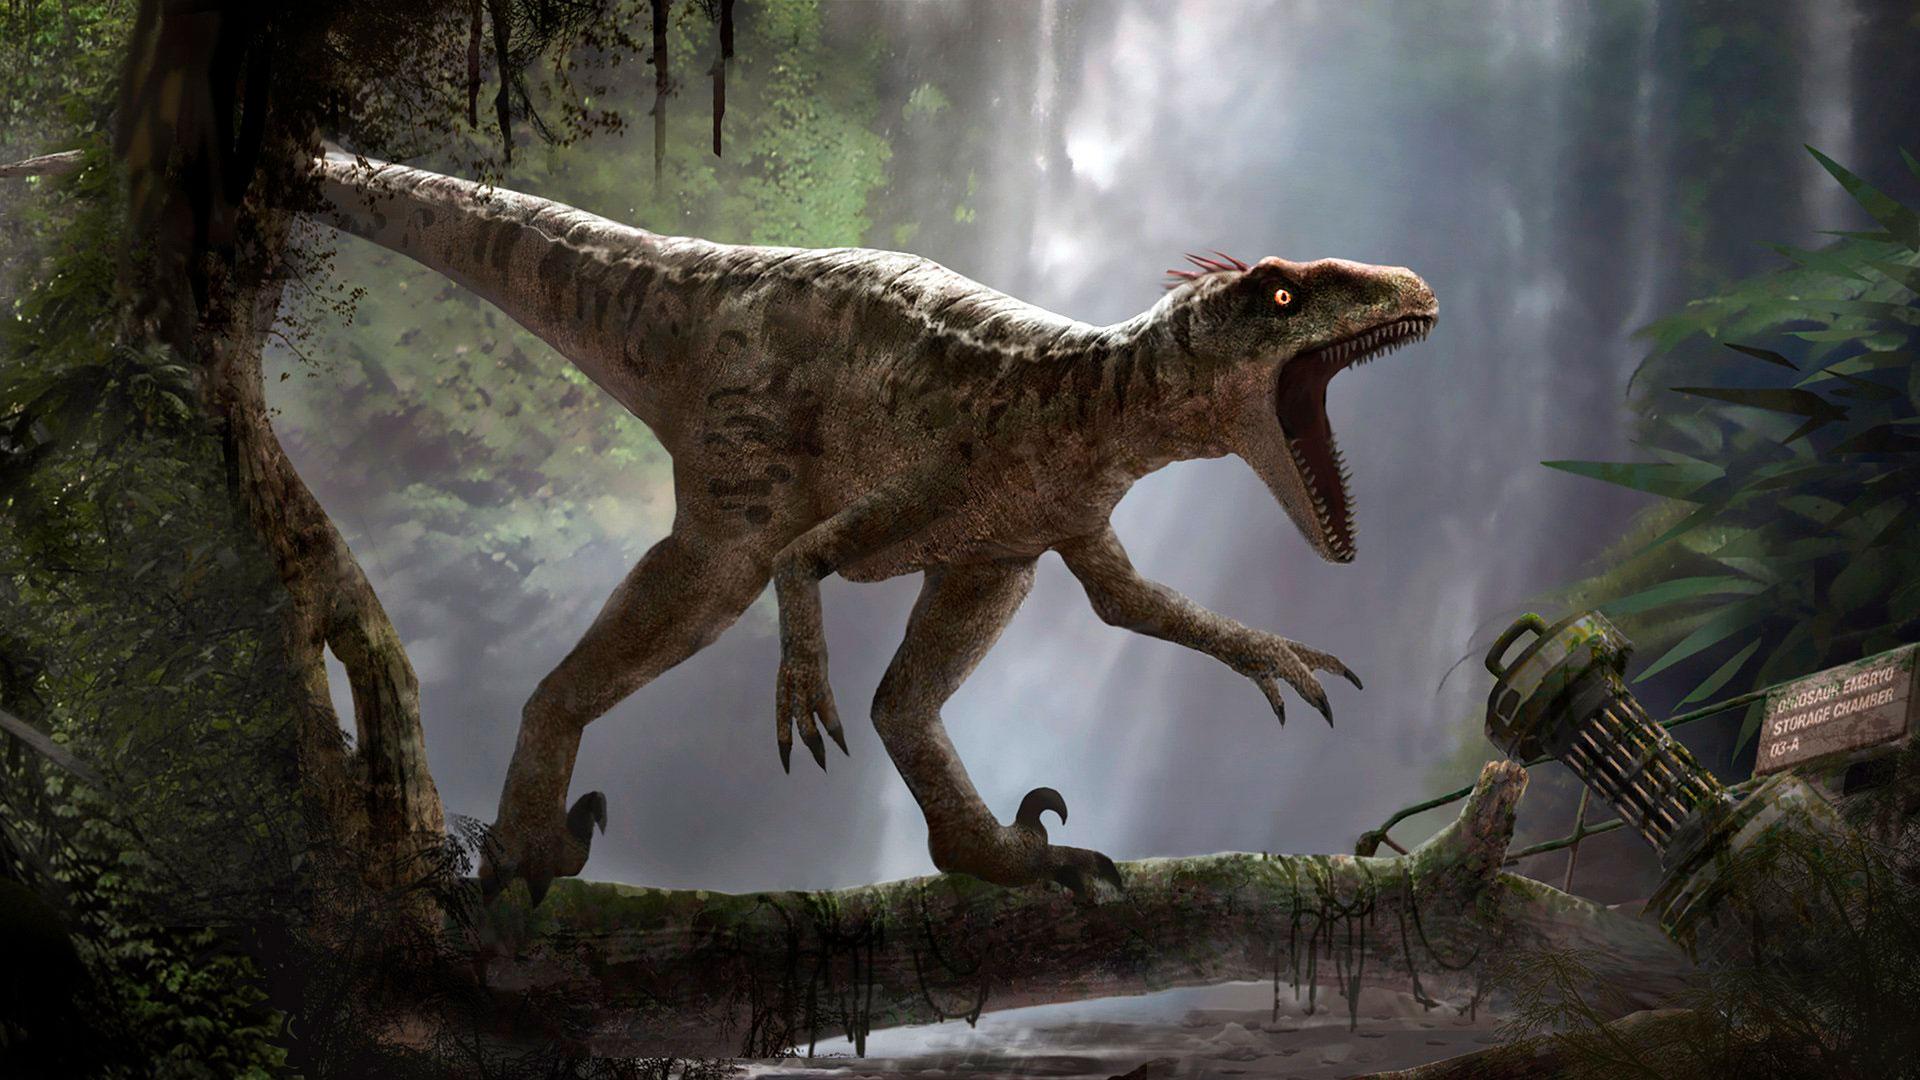 Красивые картинки и обои диназавров на рабочий стол - сборка 2018 9